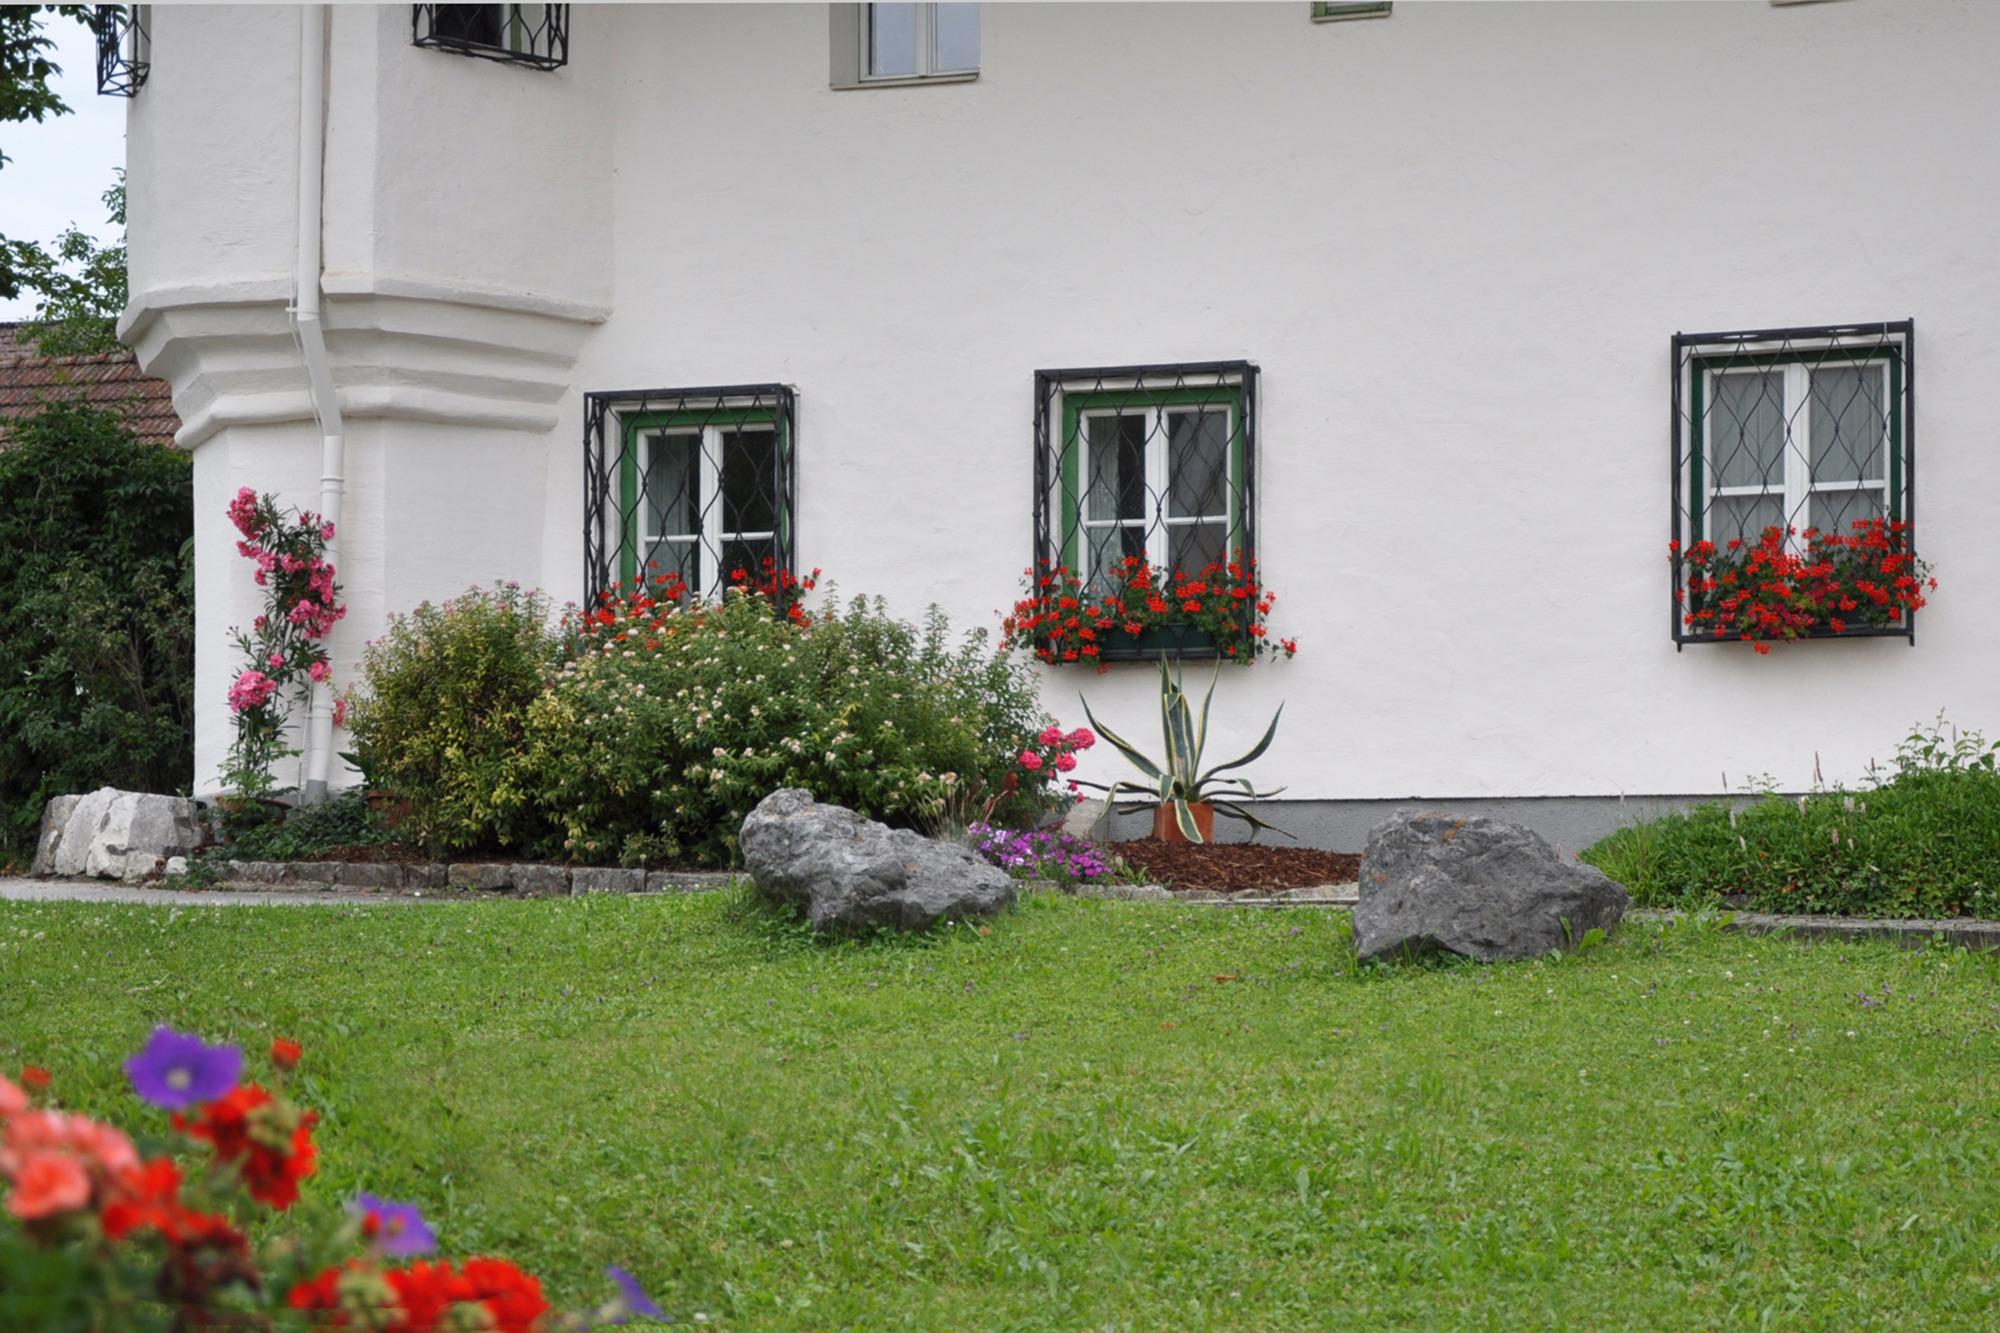 Appartement de vacances Salzburg/Ferienparadies am See/Goldener Herbst/ Christmas & Sylvester (2374298), Seekirchen am Wallersee, Salzbourg plaine, Salzbourg, Autriche, image 1